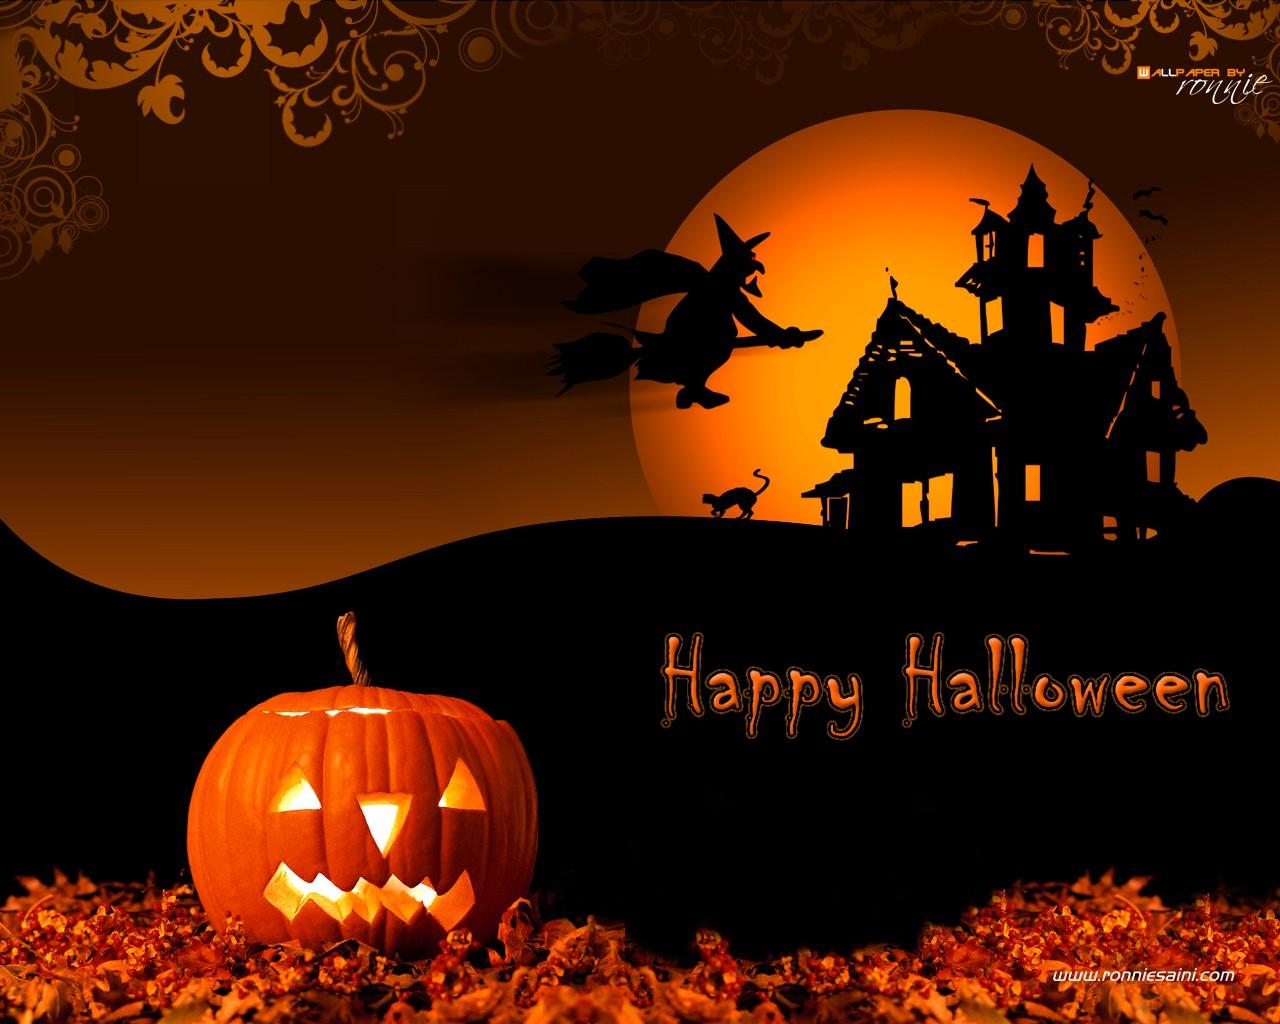 Desktop Halloween Wallpapers PixelsTalk Halloween iPhone Wallpaper 1280x1024